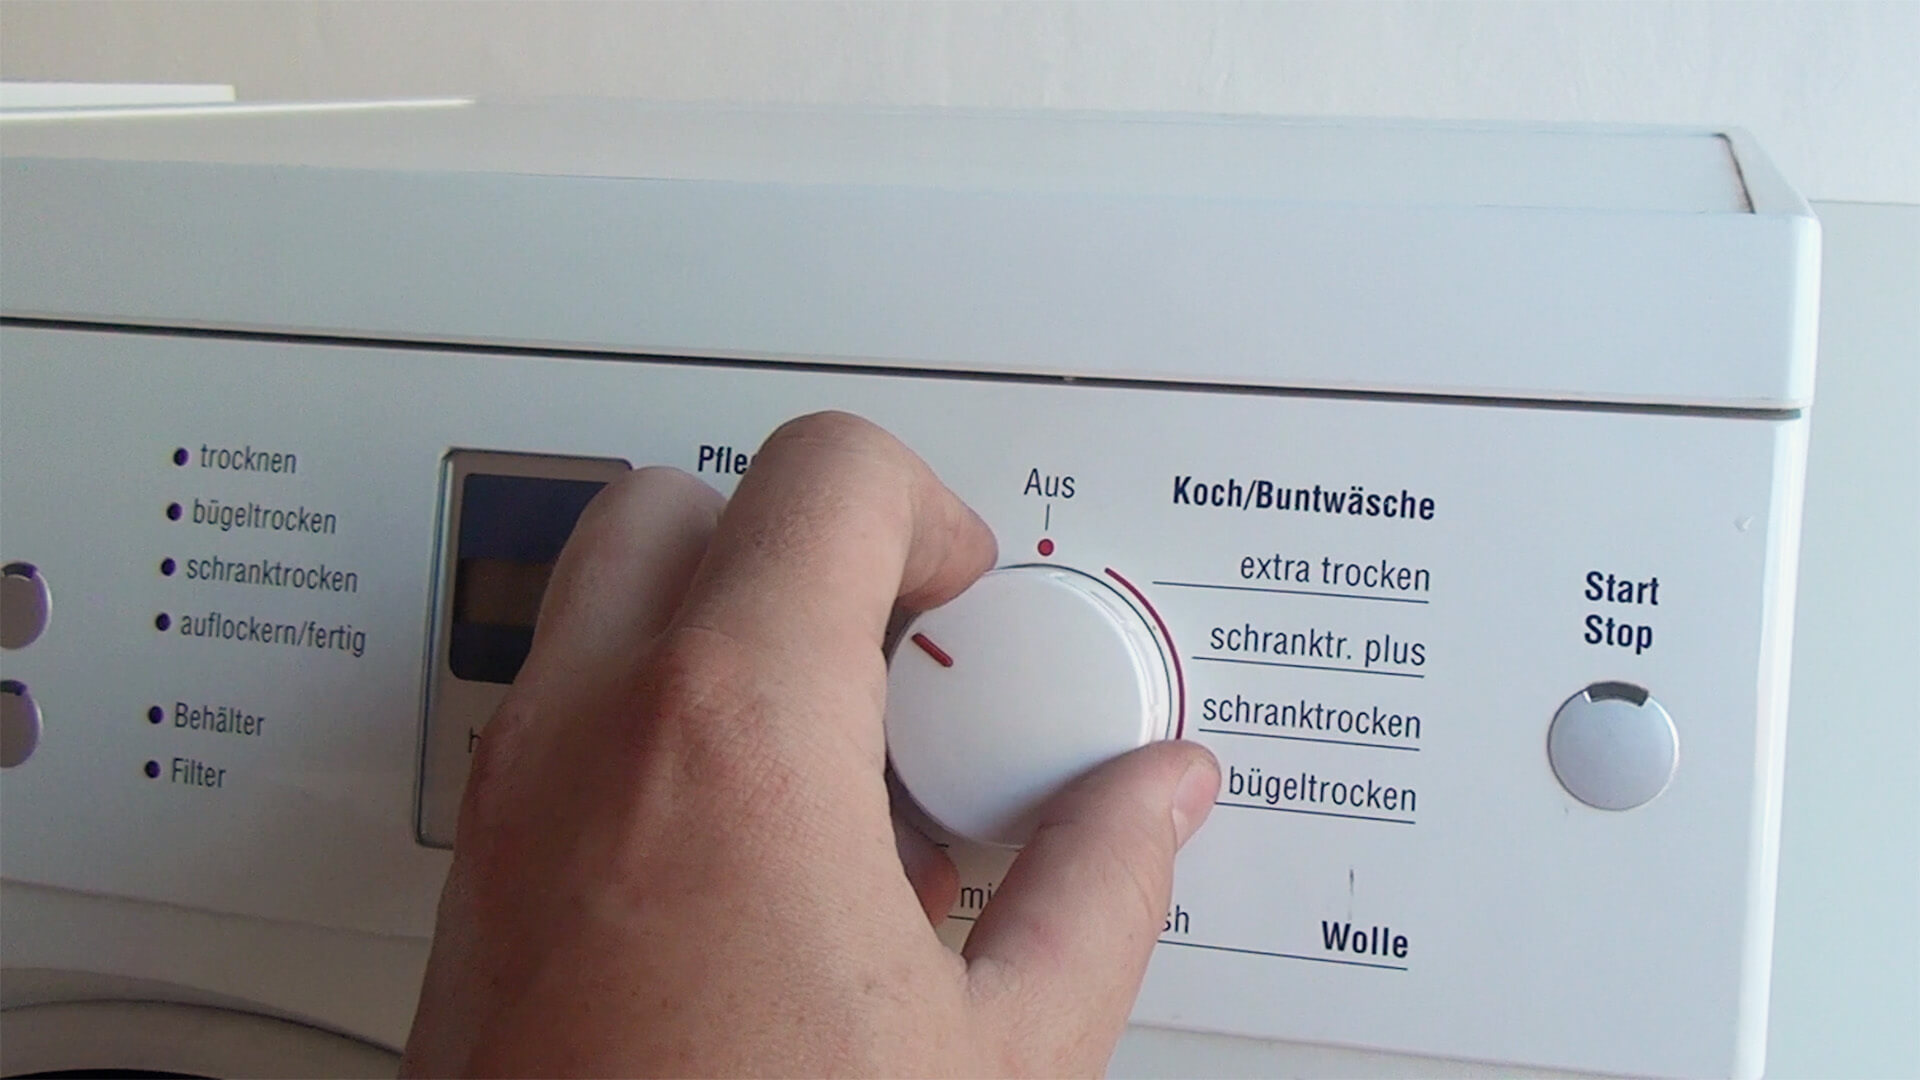 Bosch trockner geht nicht an